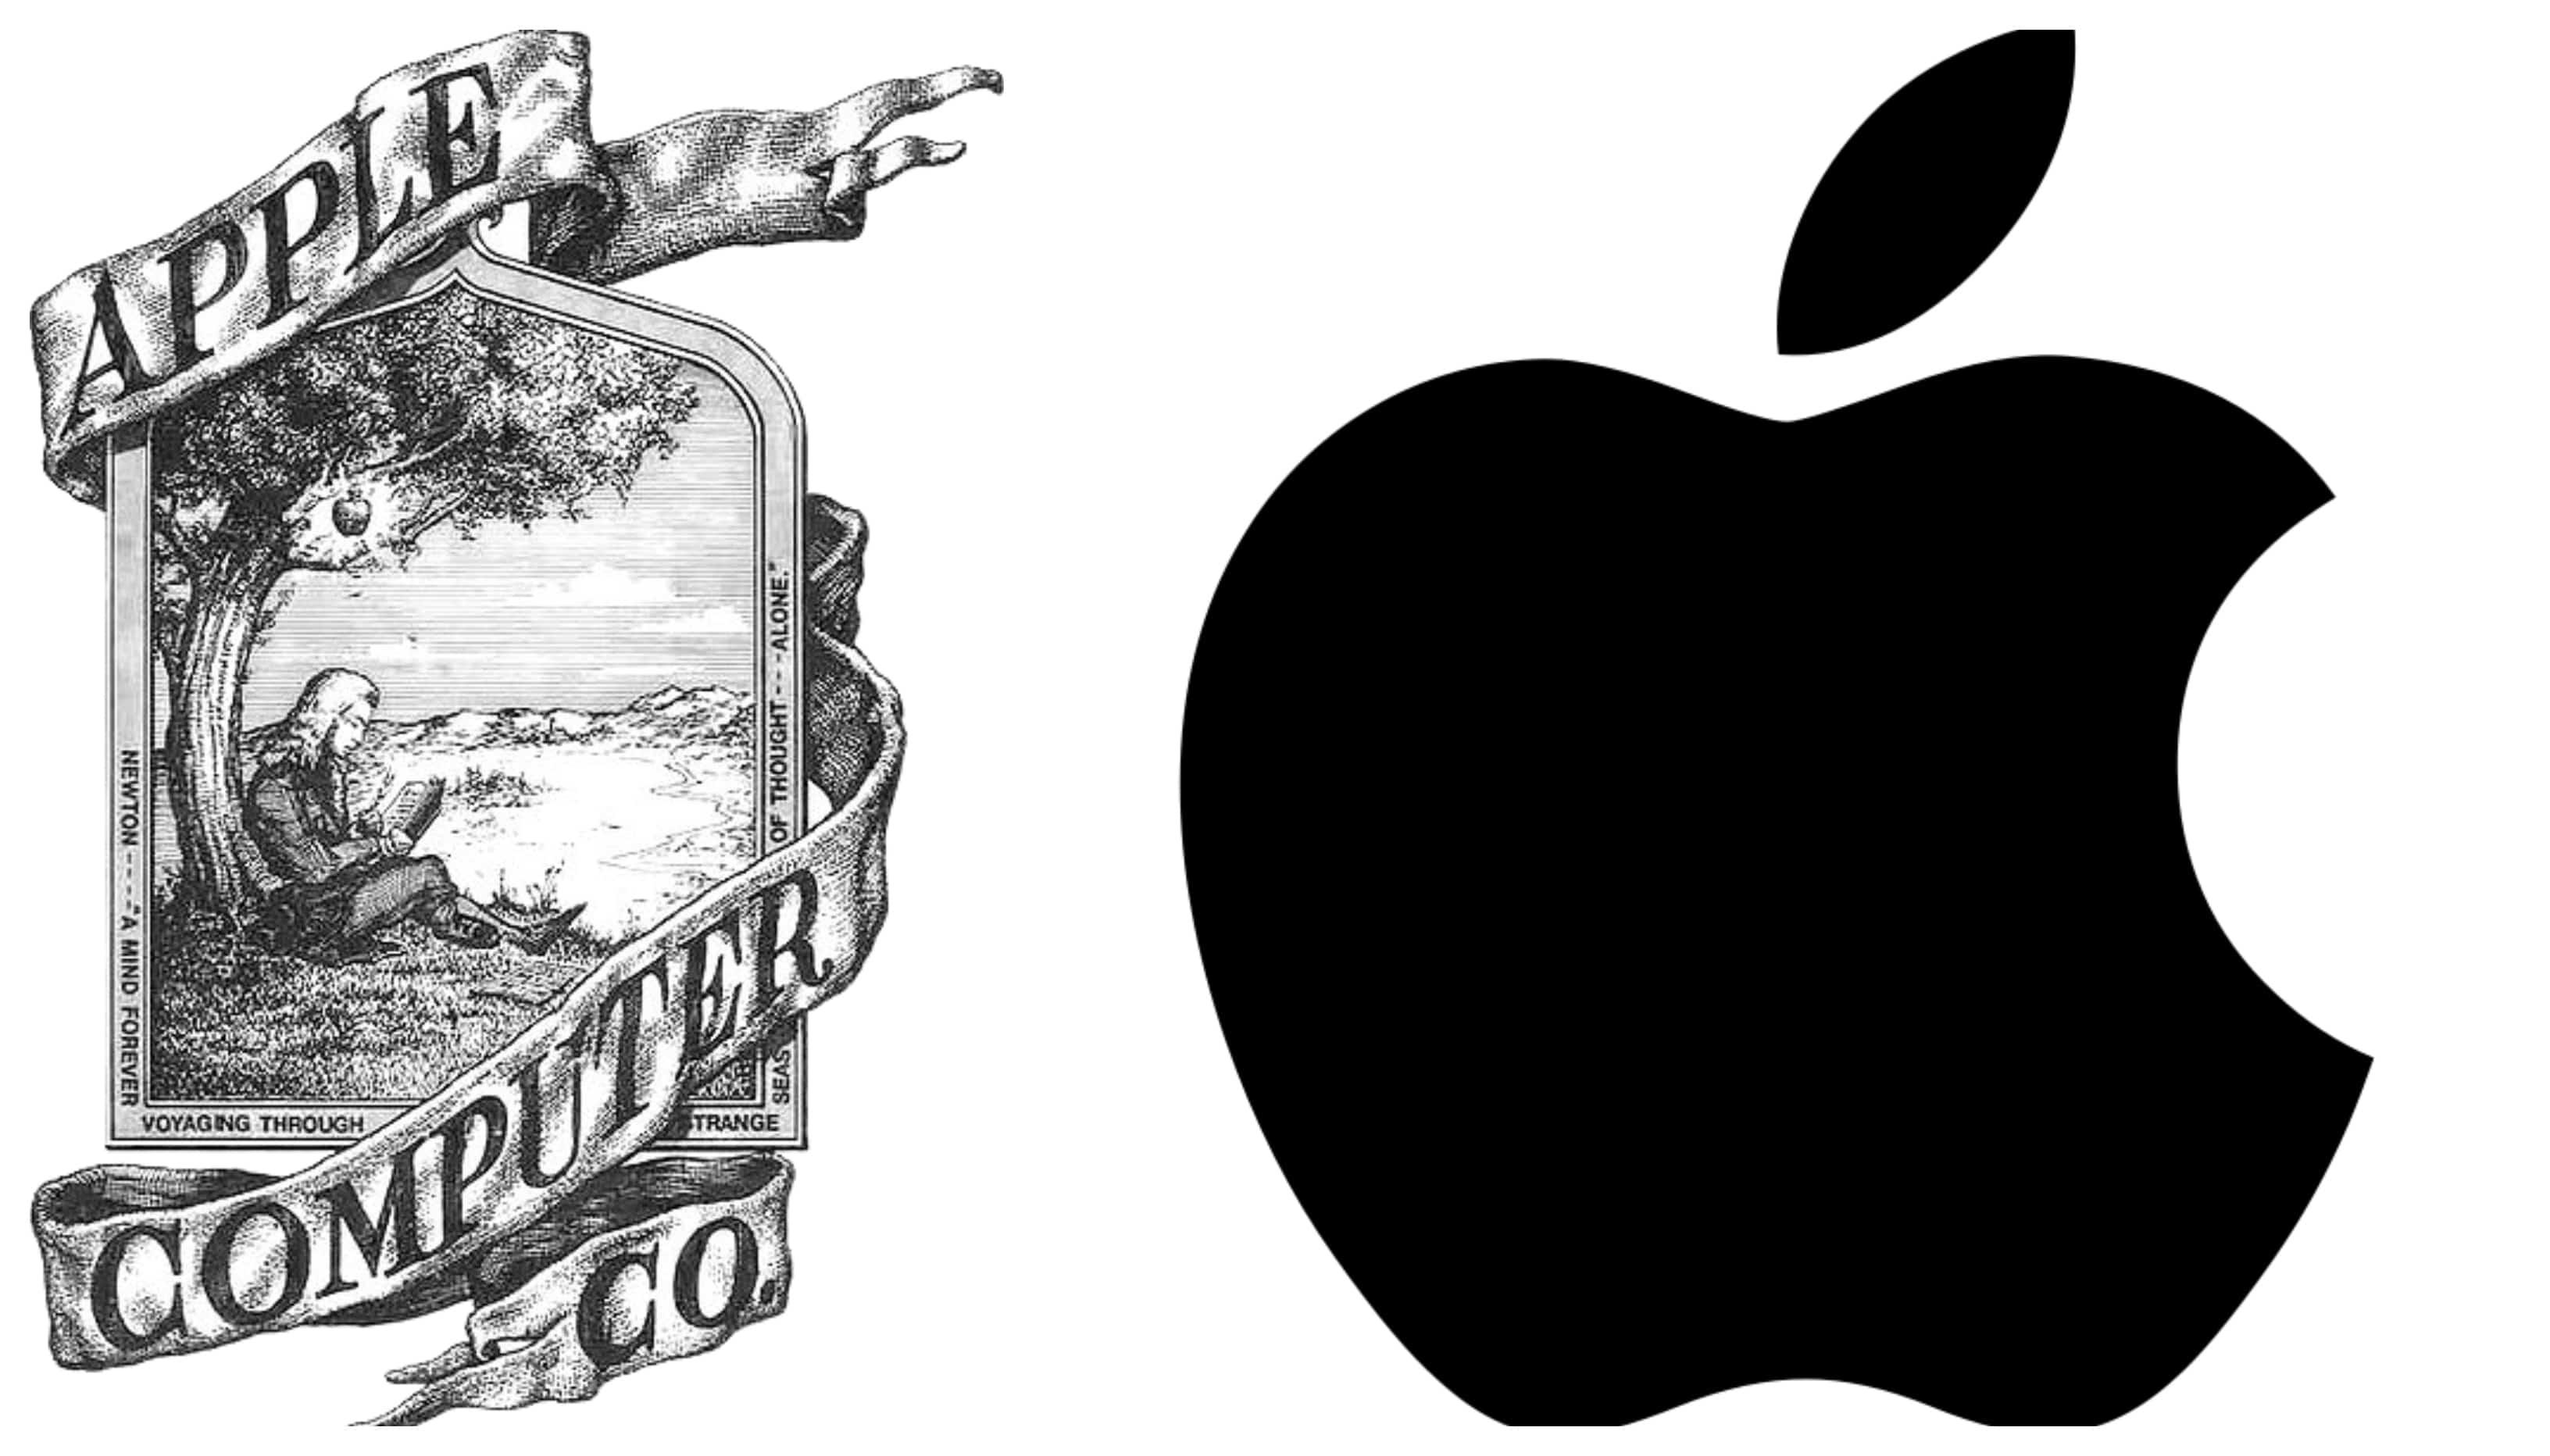 Het logo van Apple rechts naast het eerste logo waarop Isaac Newton afgebeeld staat.